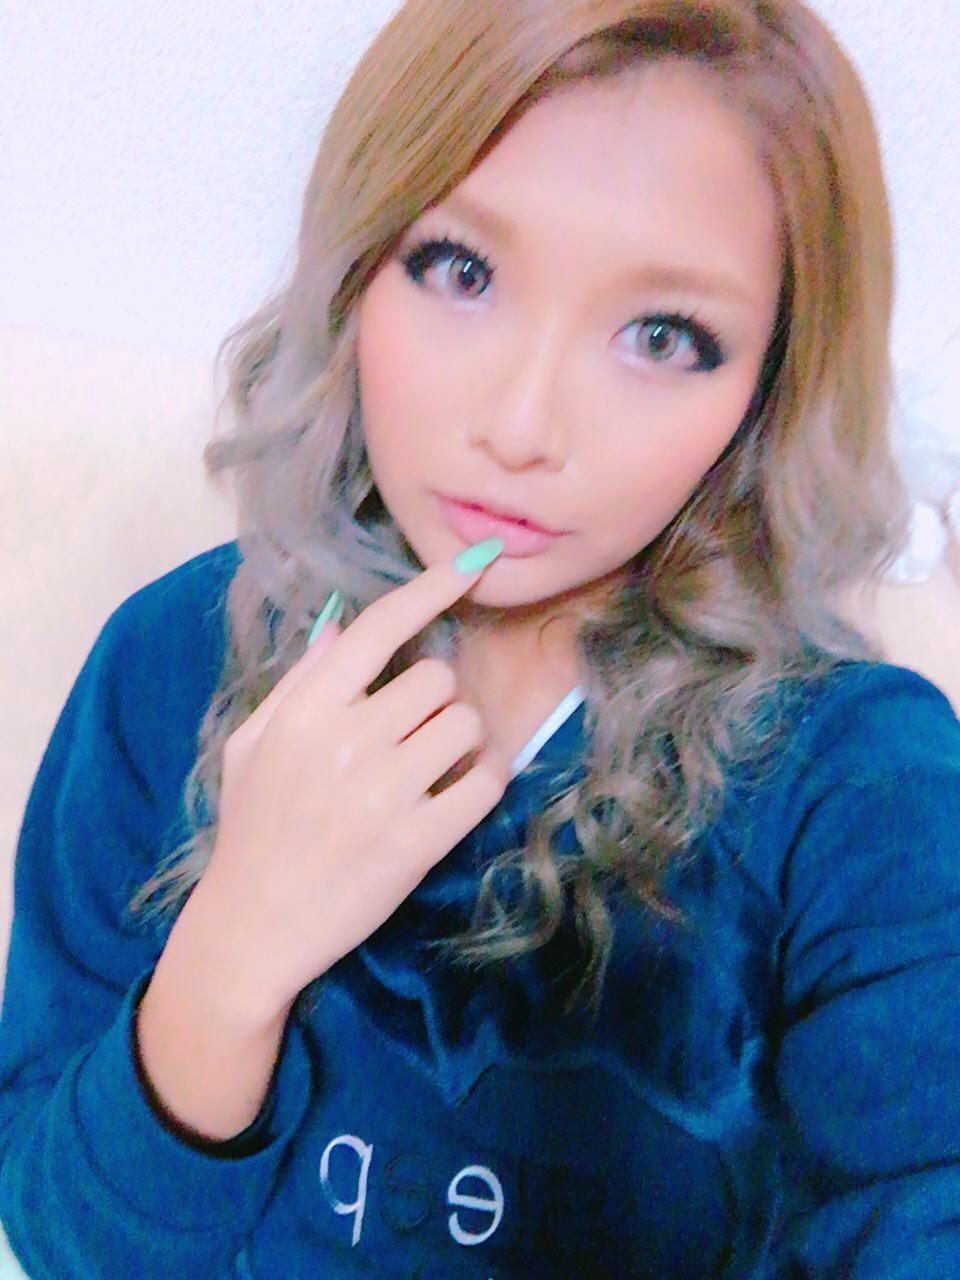 「けんぴい」11/13(火) 00:23 | LOIの写メ・風俗動画